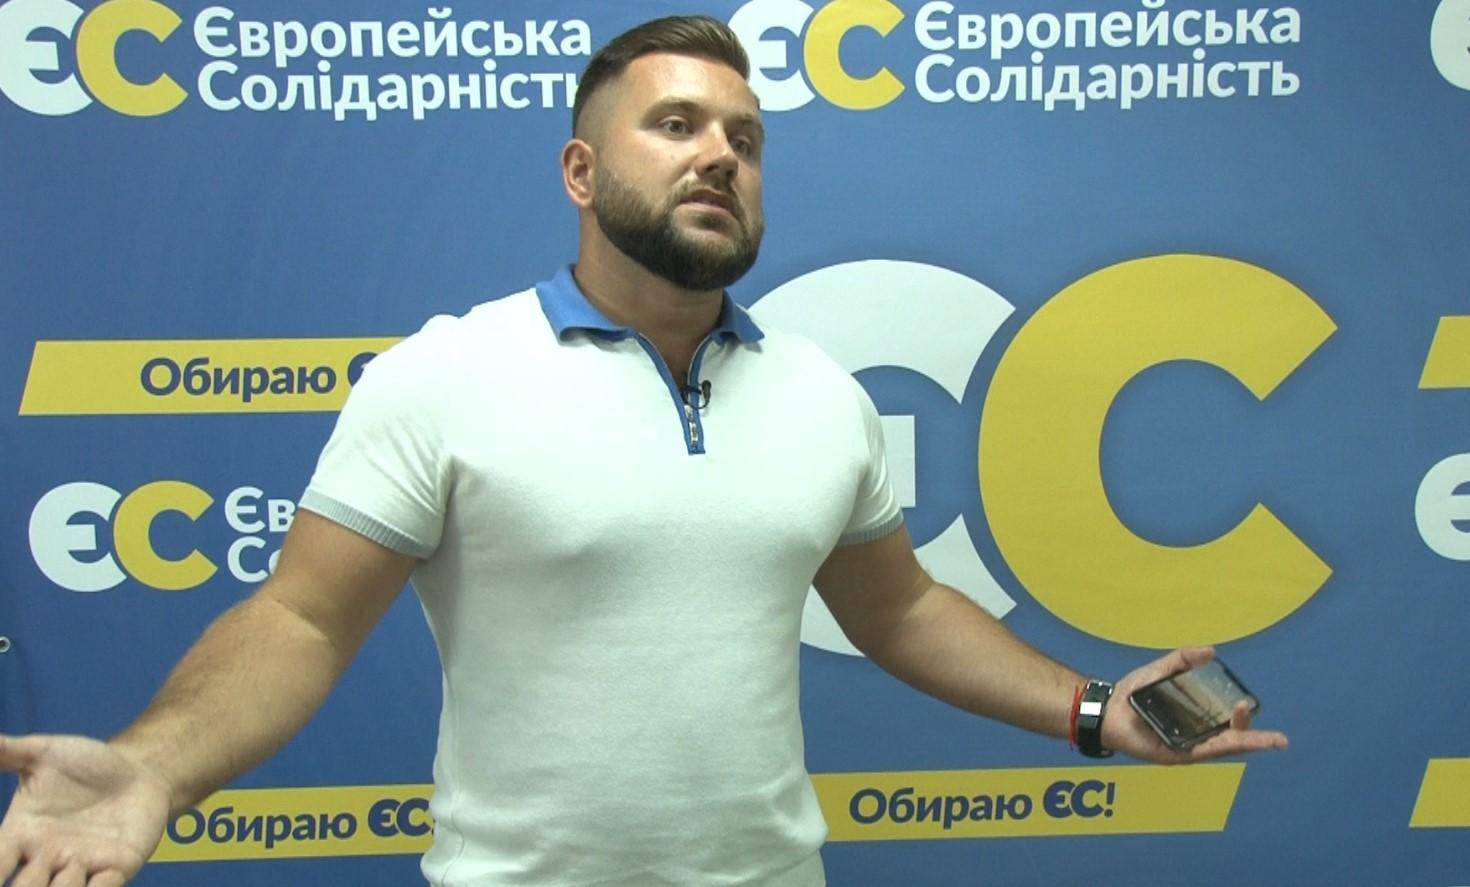 На ірпінську «ЄС» та Ярослава Куца «Нові Обличчя» розпочали інформаційний тиск - - kuts